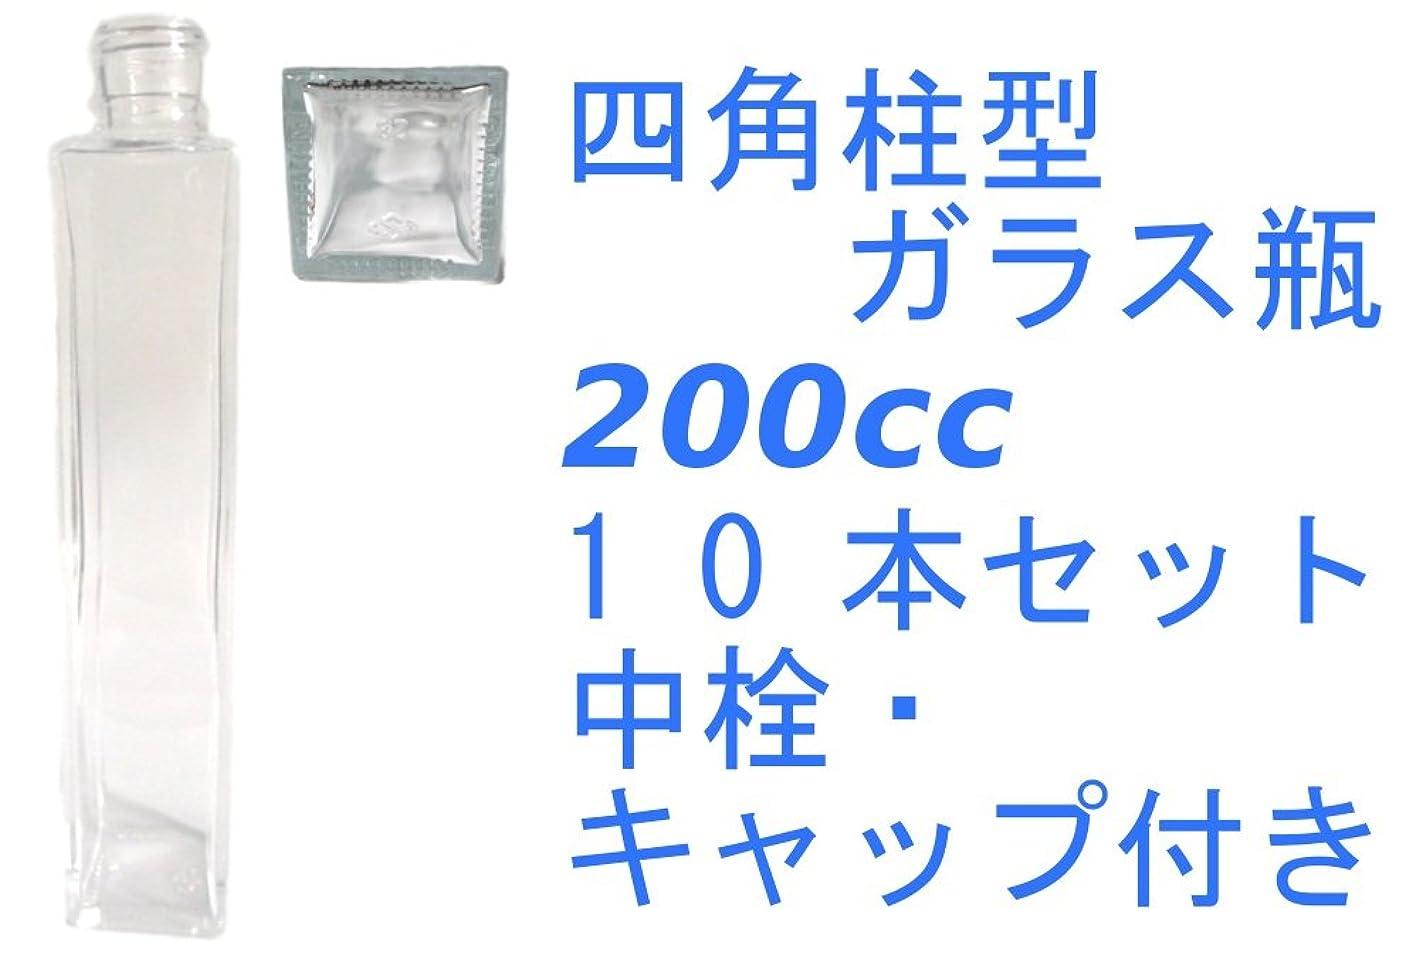 然とした推測サラダ(ジャストユーズ)JustU's 日本製 ポリ栓 中栓付き四角柱型ガラス瓶 10本セット 200cc 200ml アロマディフューザー ハーバリウム 調味料 オイル タレ ドレッシング瓶 B10-SSE200A-S